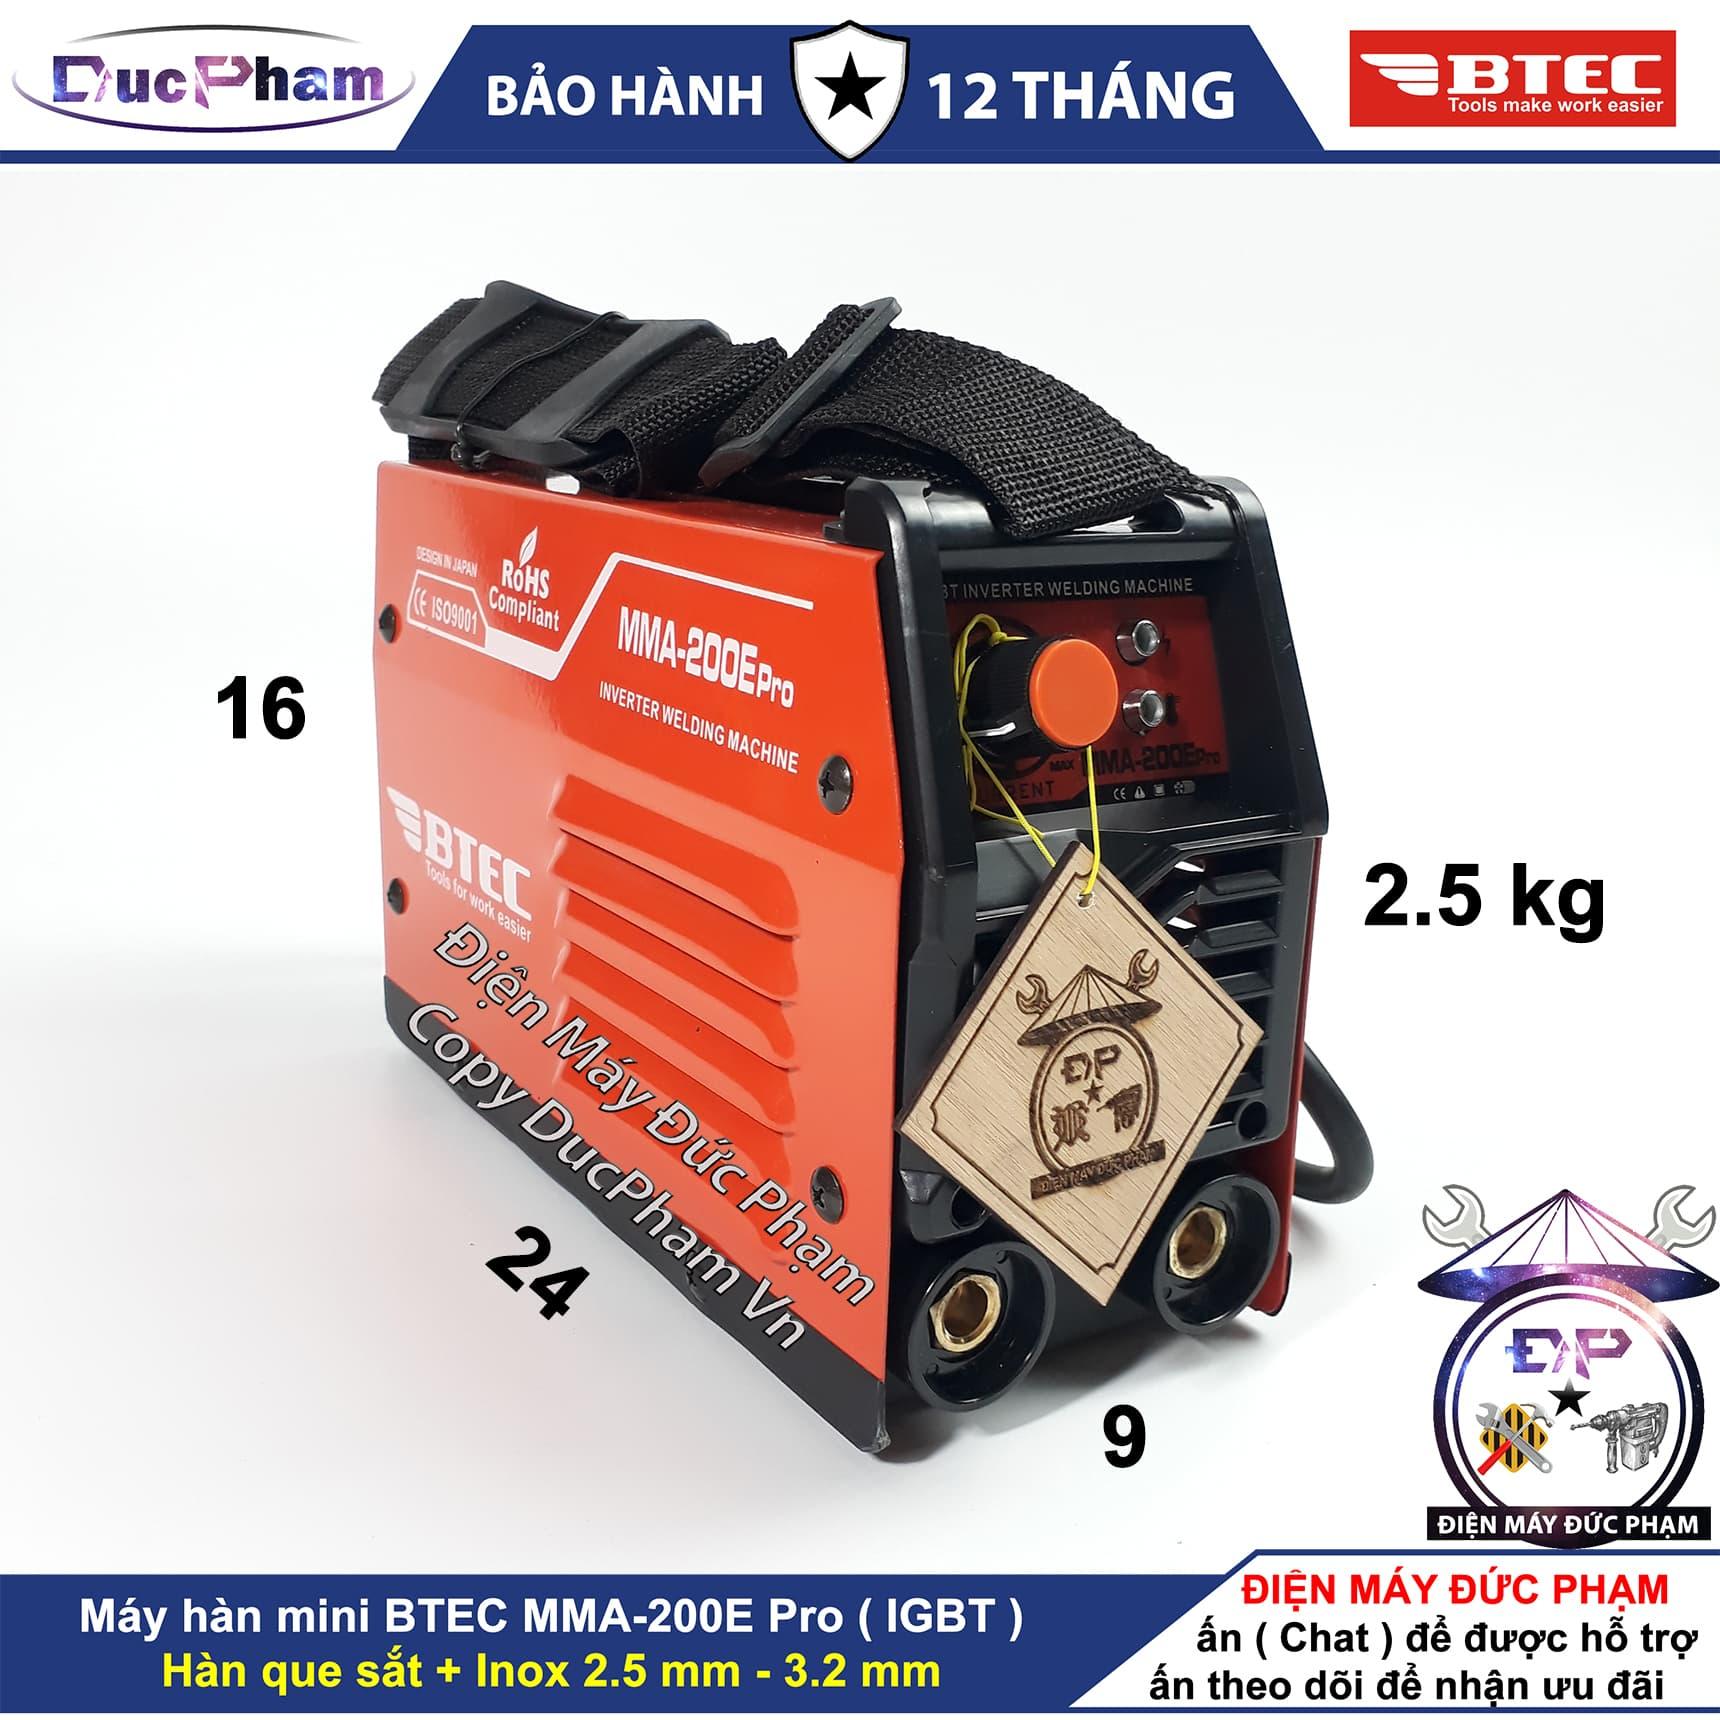 Máy Hàn điện tử BTEC MMA-200E Pro ( xác nhỏ ) - DucPham Vn - Điện Máy Đức Phạm - máy hàn que 200A , máy hàn điện tử , máy hàn mini gia đình , máy hàn sắt , máy hàn inox ,